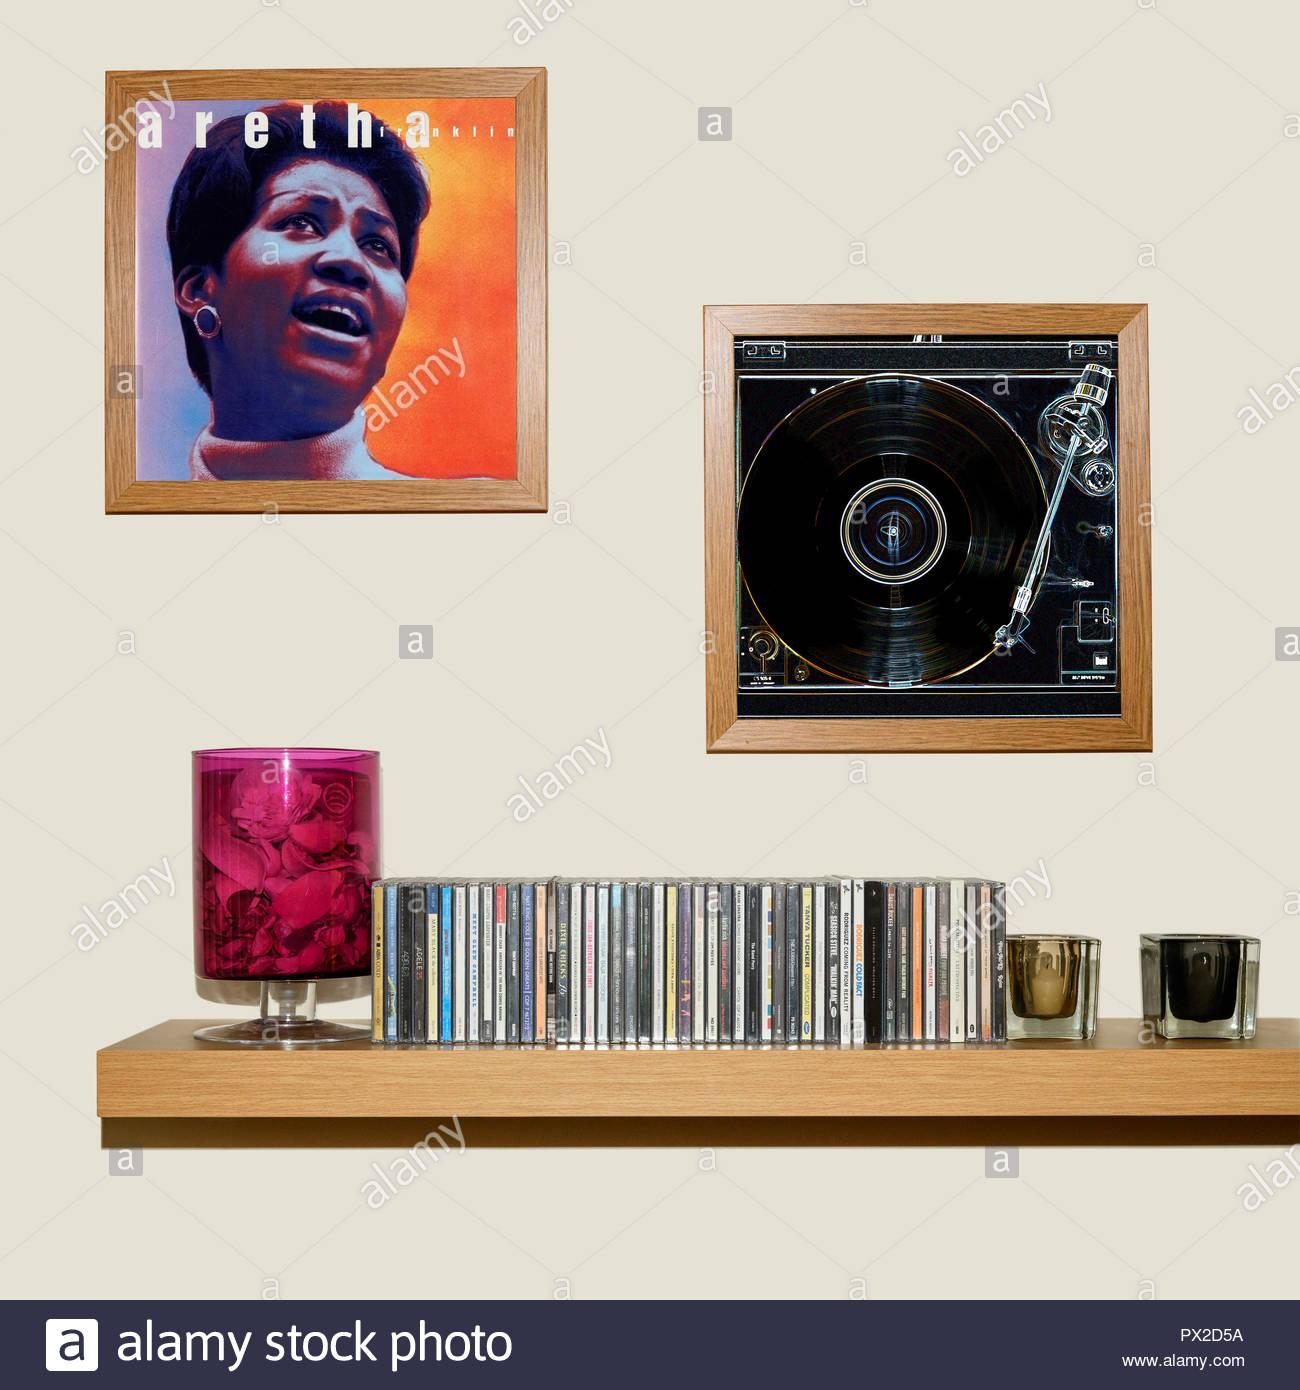 Raccolta di CD e incorniciato Aretha Franklin album, Inghilterra Foto Stock